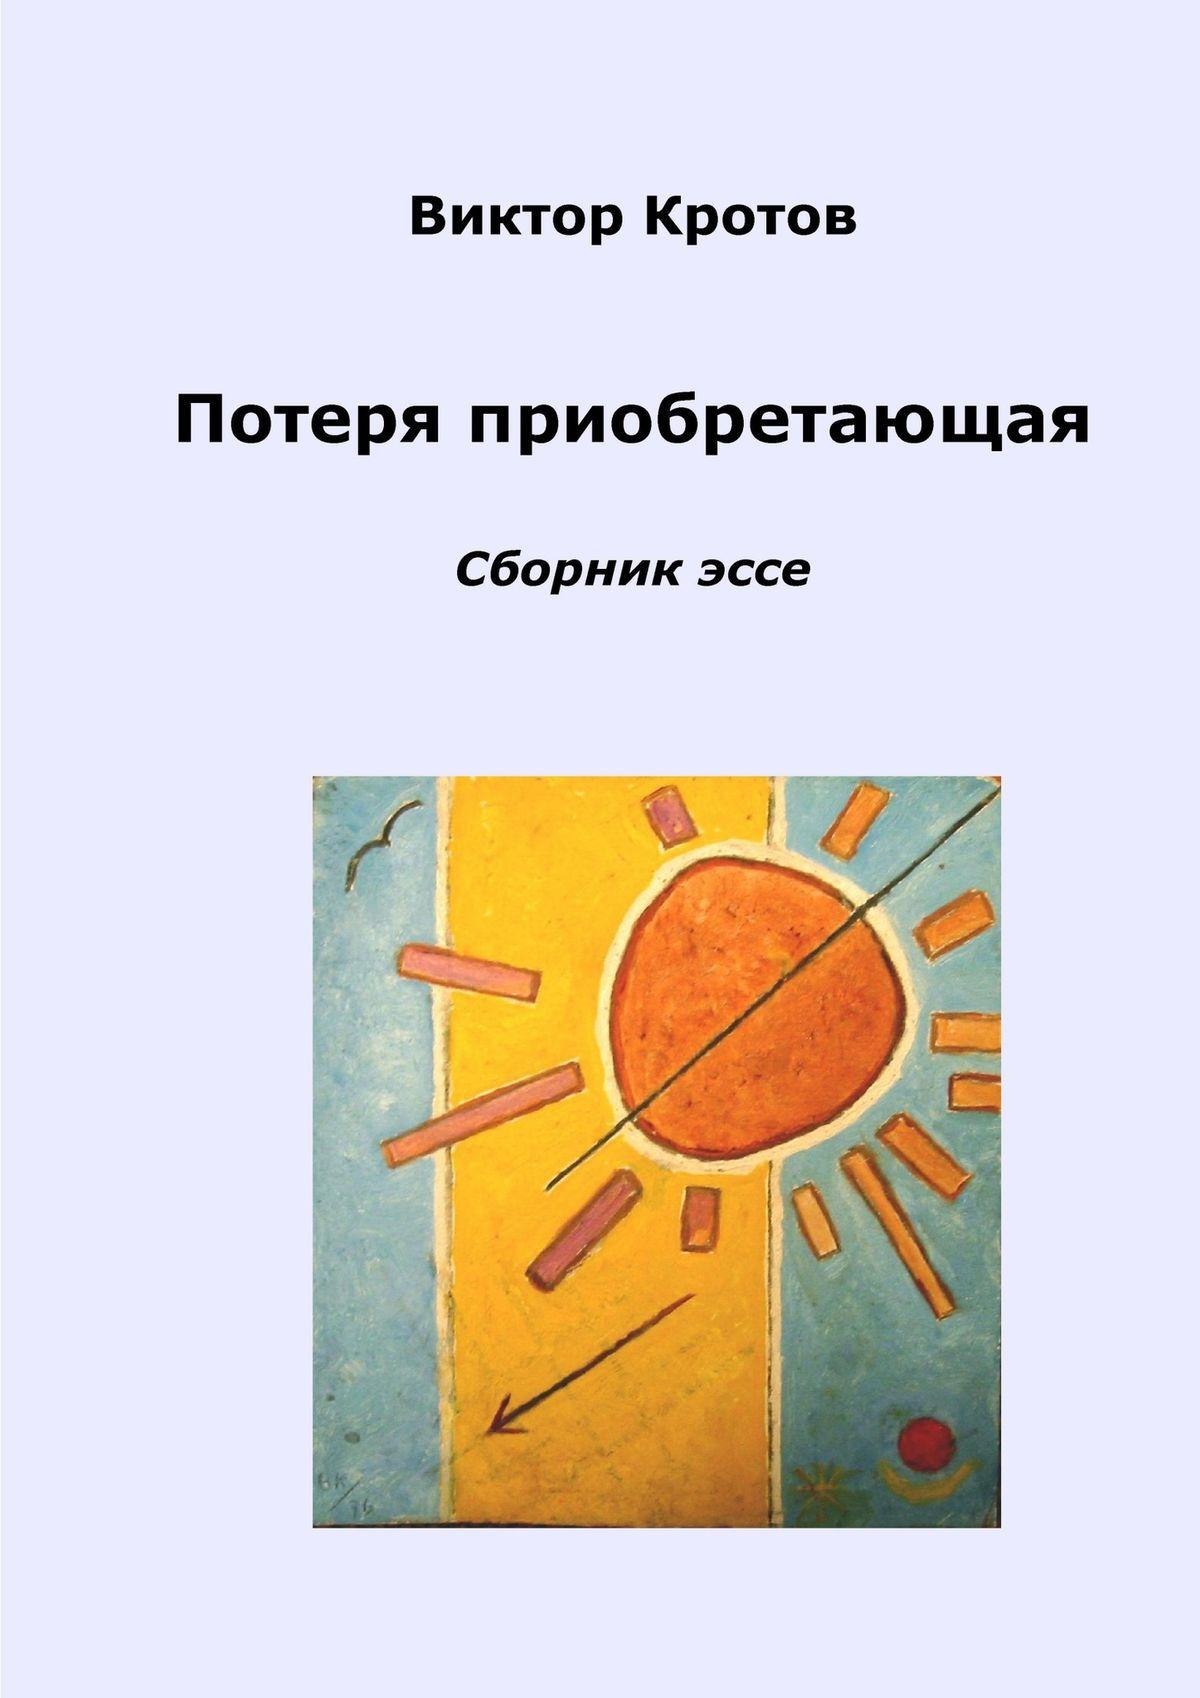 Виктор Кротов Потеря приобретающая. Сборник эссе